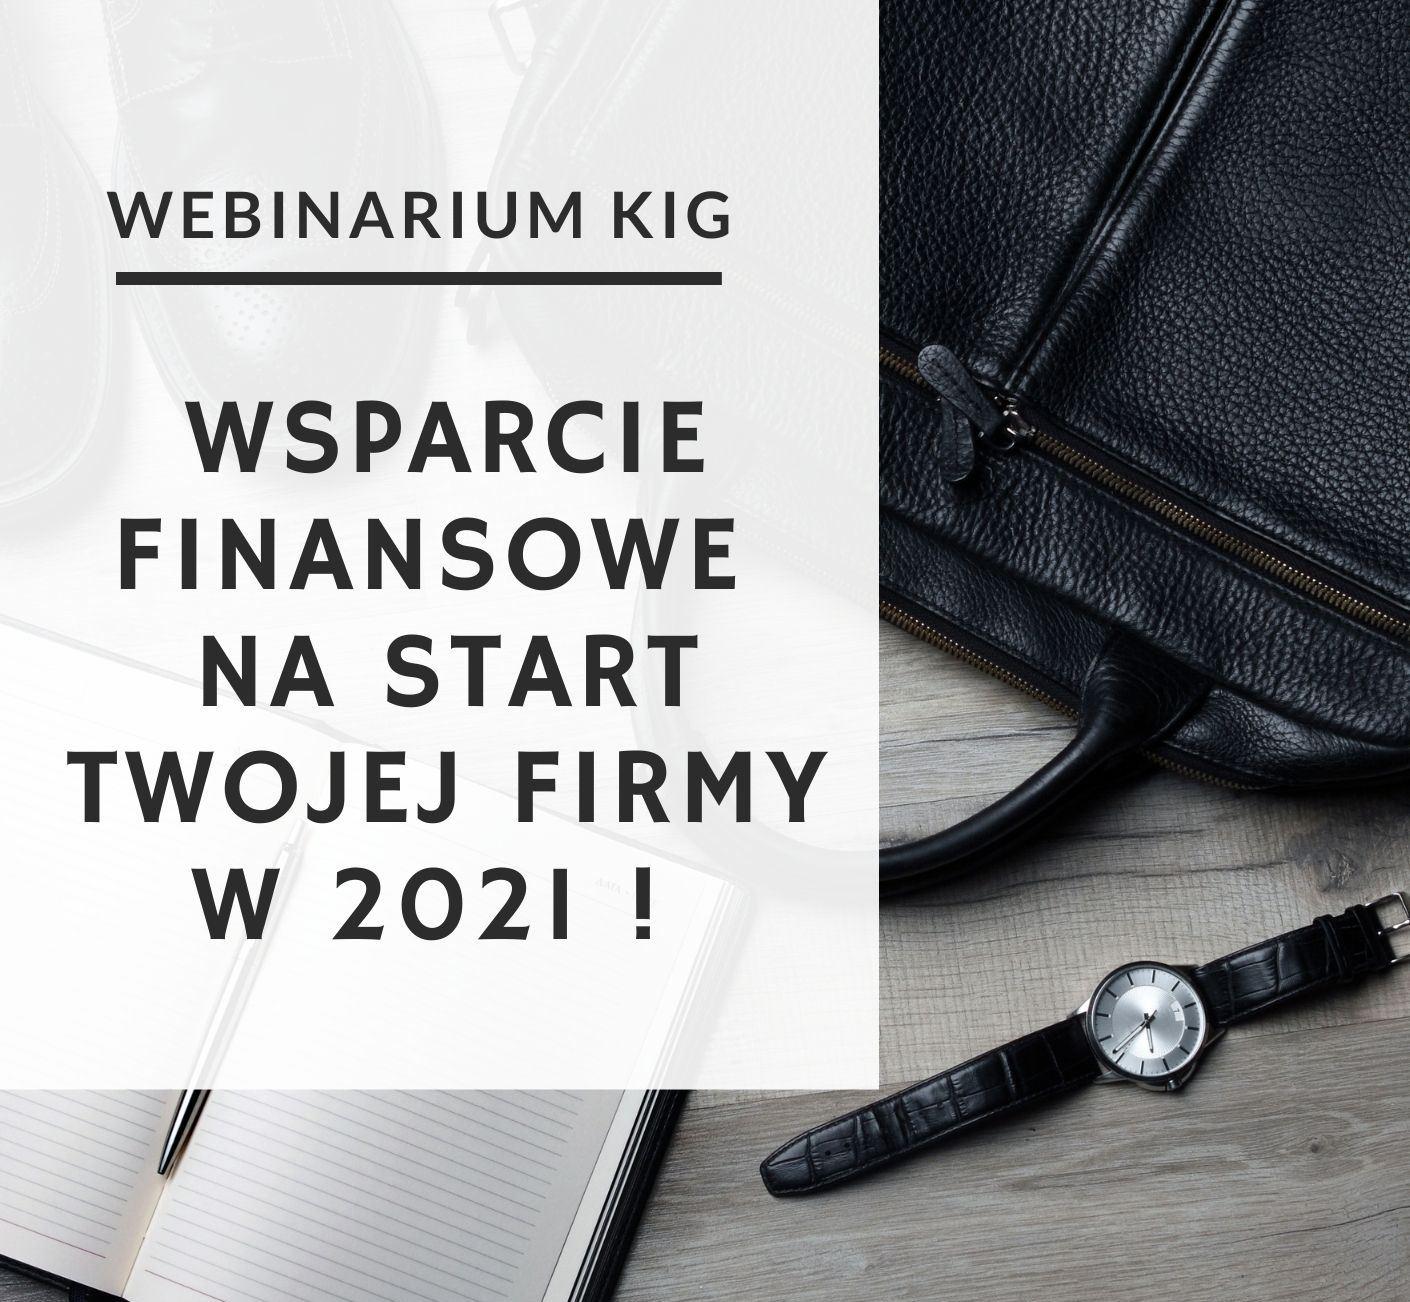 WEBINARIUM : WSPARCIE FINANSOWE NA START TWOJEJ FIRMY W 2021 r.